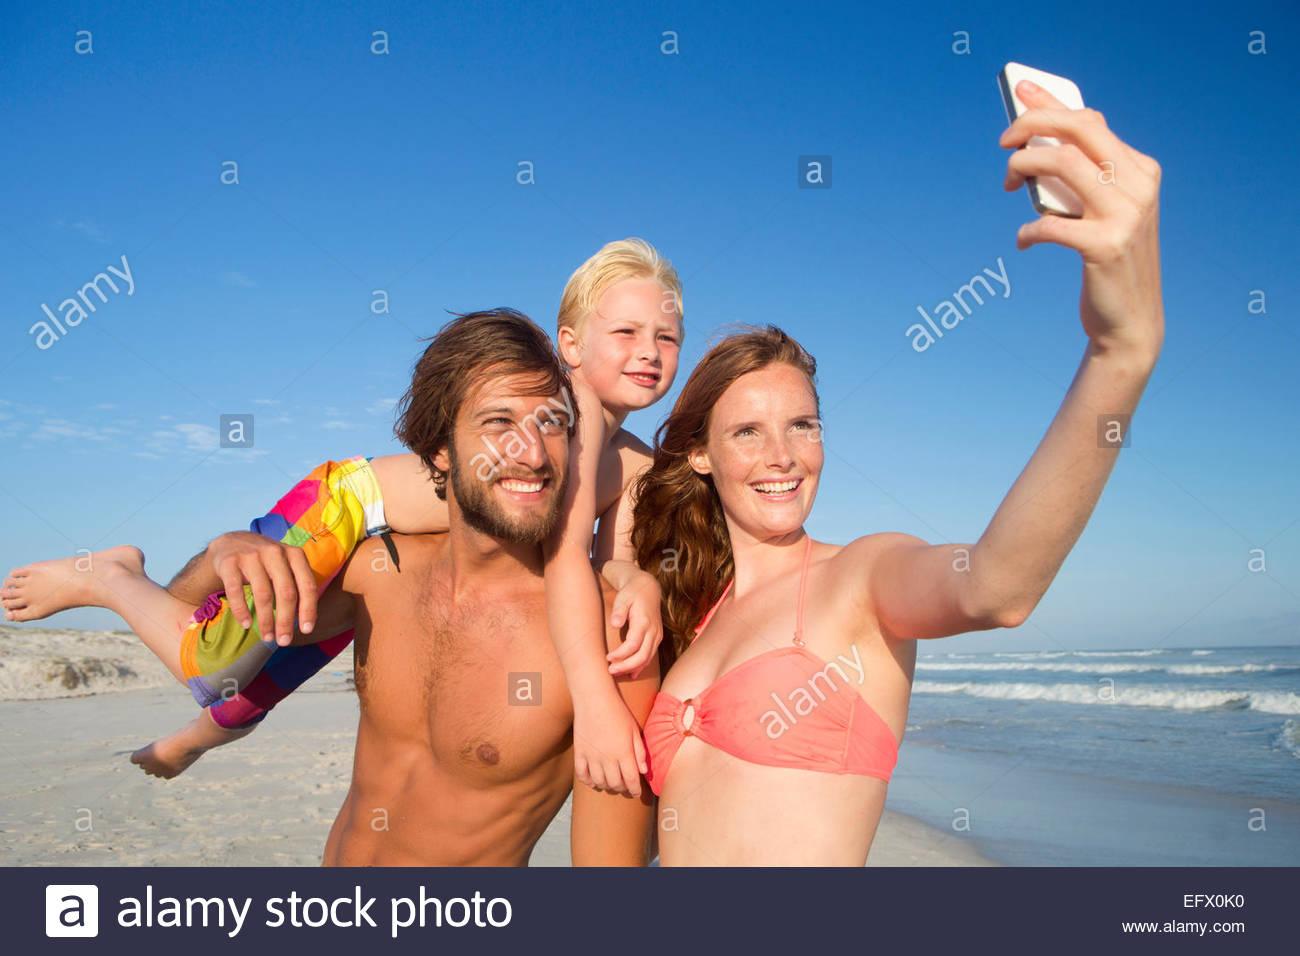 Portrait of happy couple avec des fils sur l'épaule, en tenant sur selfies sunny beach Banque D'Images